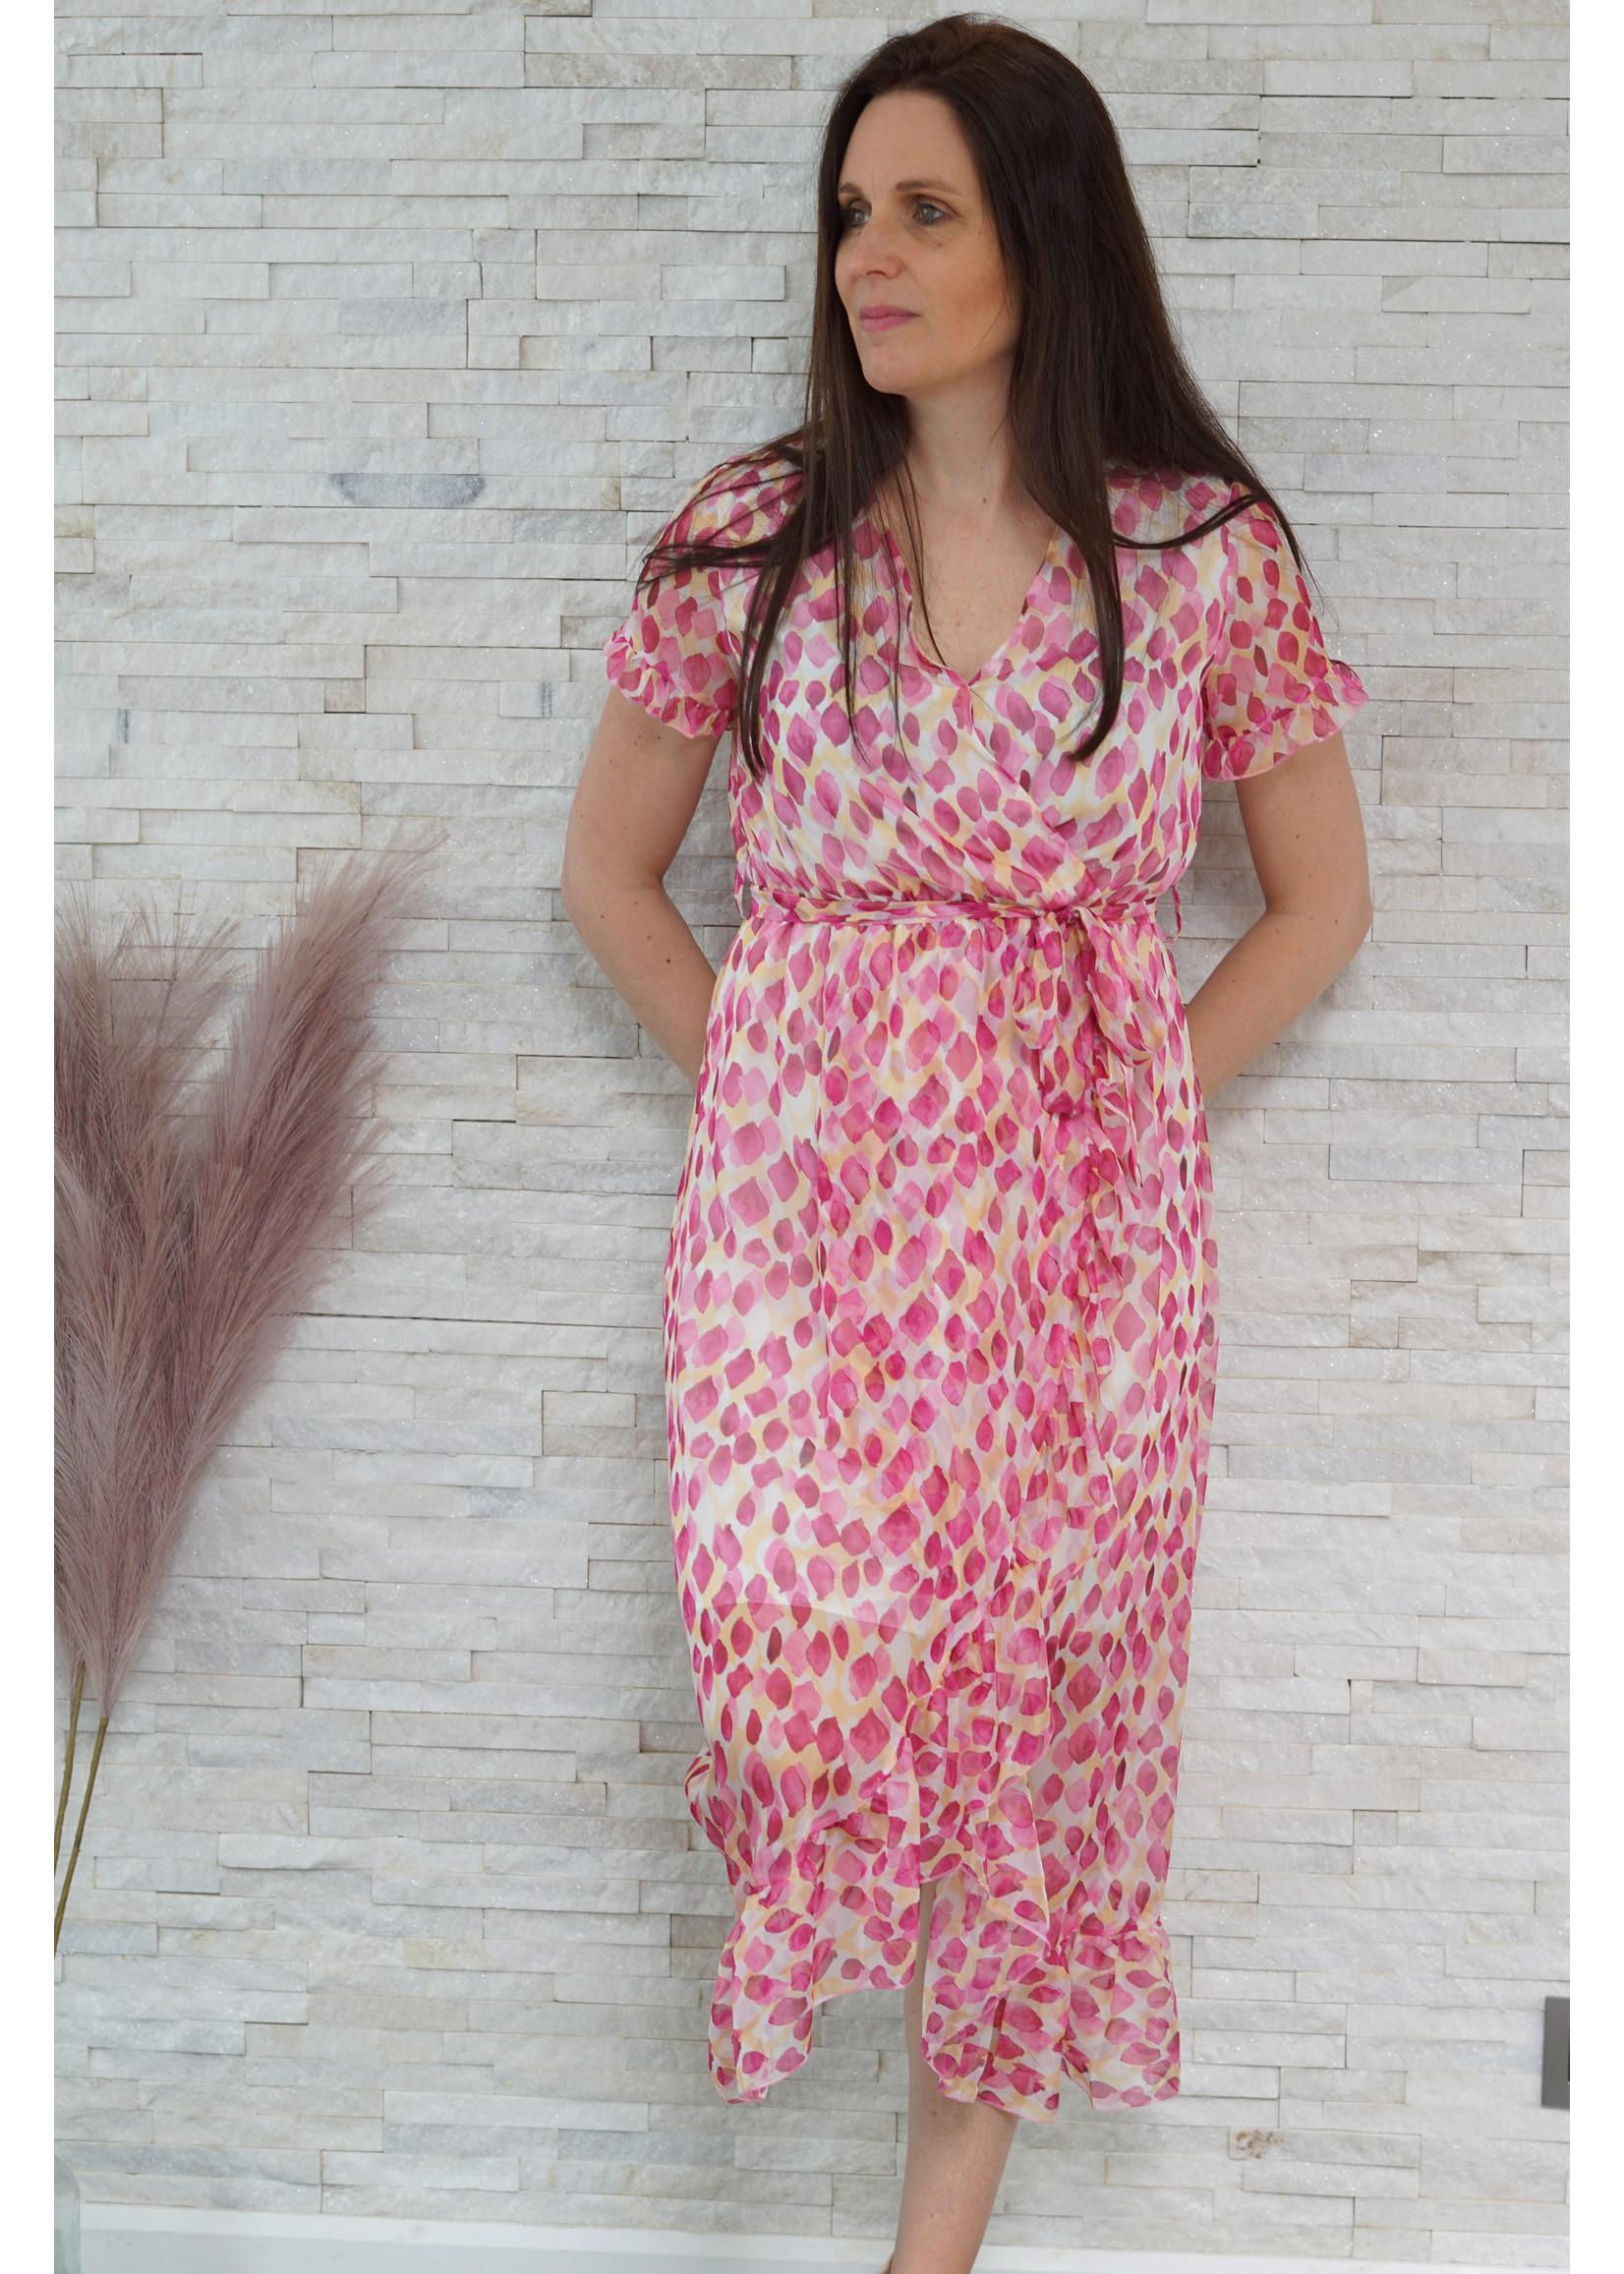 yentlK.byyentl yentlk jurk summer